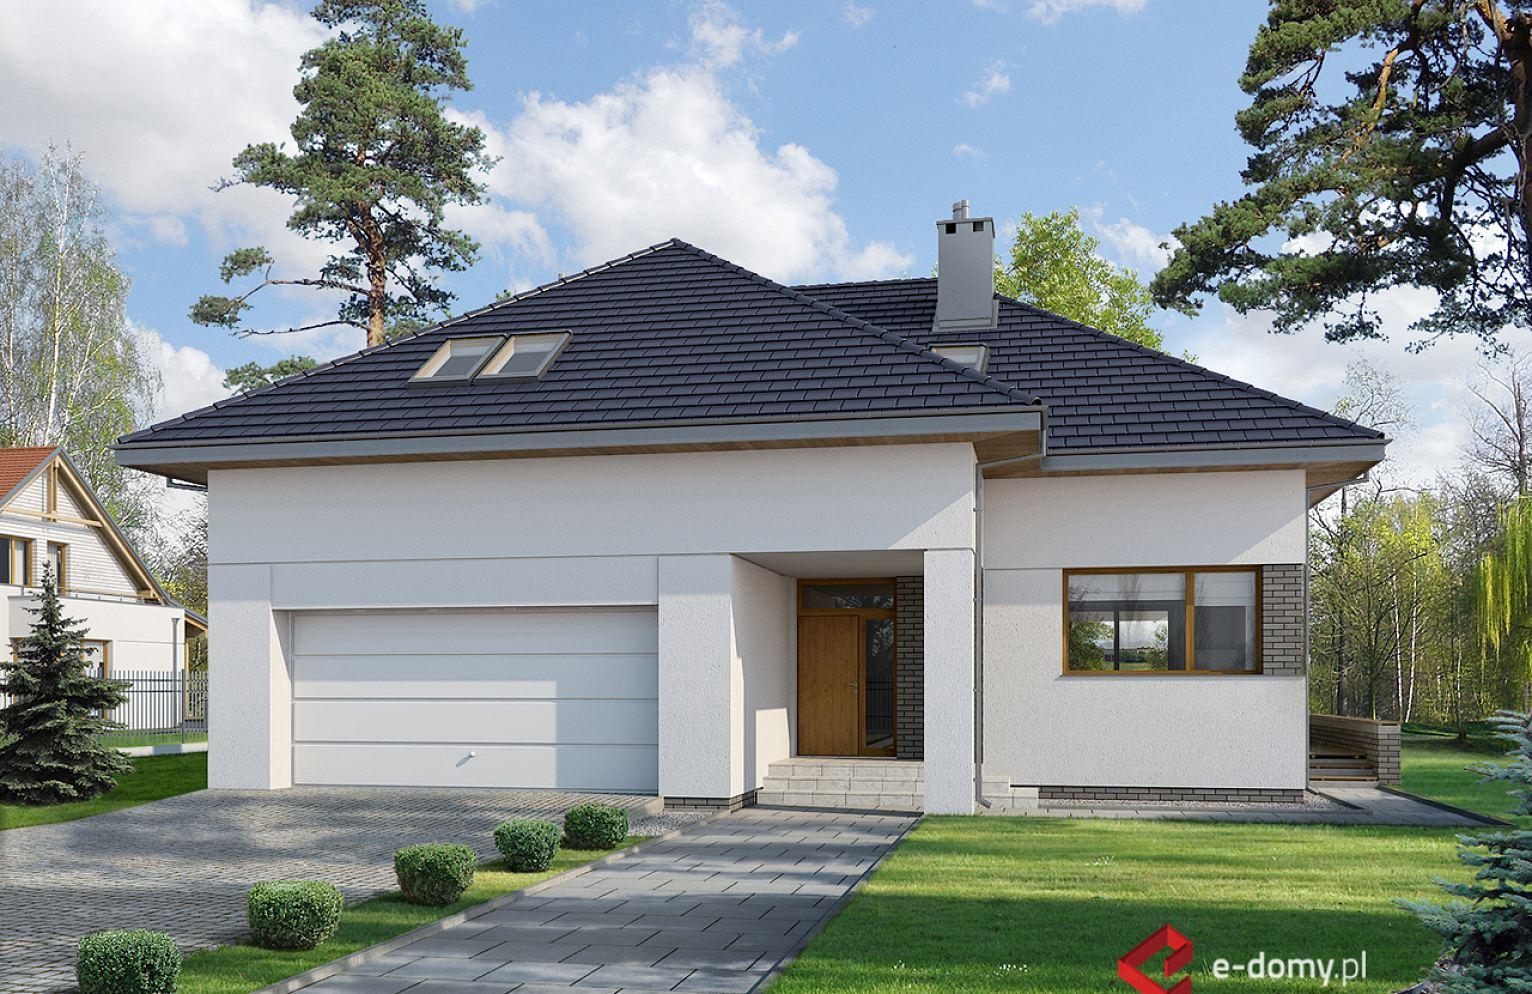 E 105 Nowoczesny Dom Z Czterospadowym Dachem E Domypl Projekty